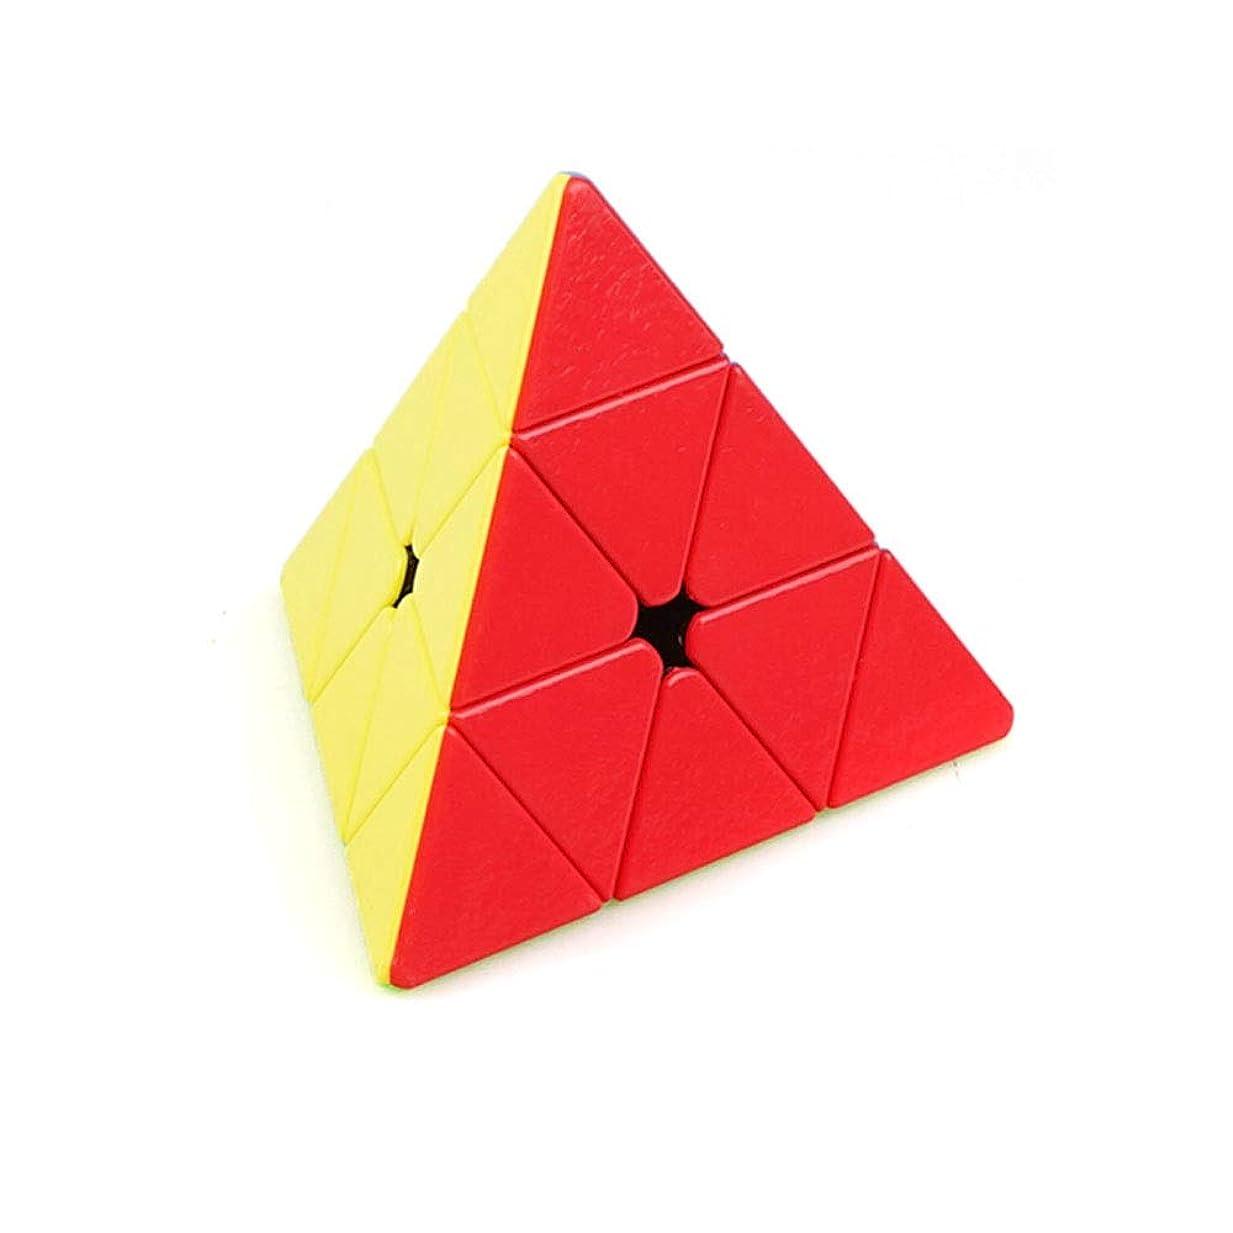 抵抗メーター下るChenjinxiang01 ルービックキューブ、高品質のプラスチック材料で作られた、贈り物として適した、ピラミッドスタイルの3次キューブ 健康および環境保護 (Edition : Pyramid third-order)